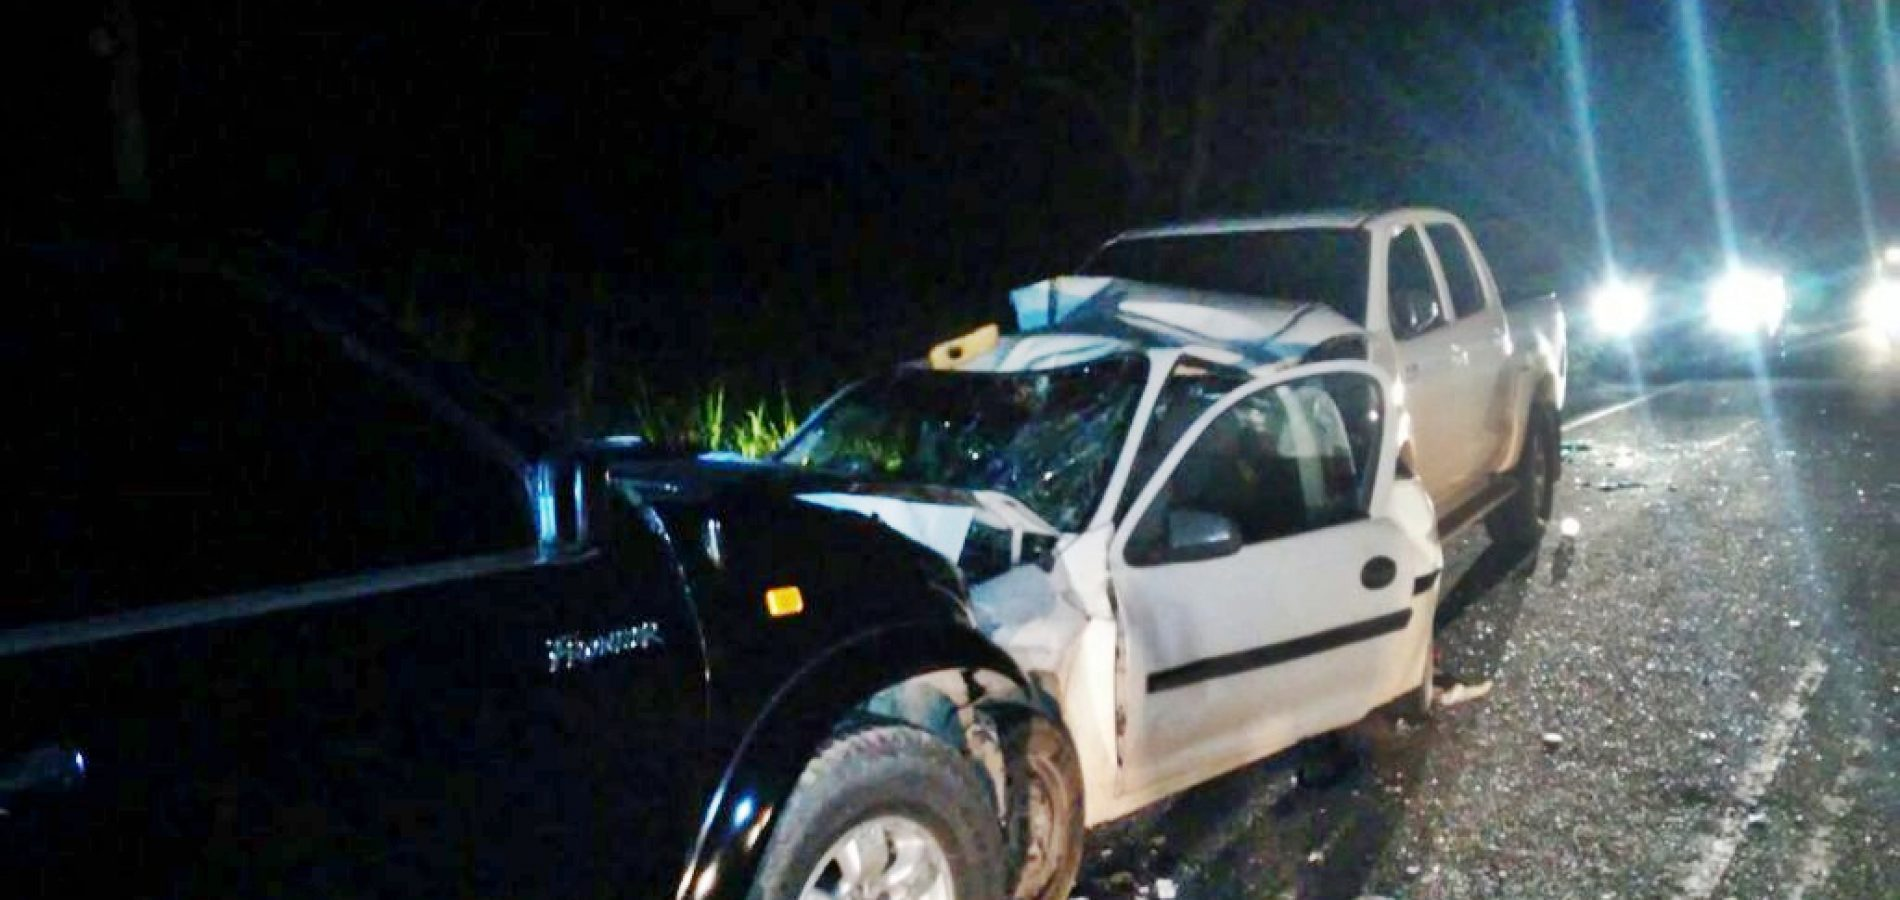 Colisão entre três veículos deixa duas pessoas mortas no interior do Piauí; veja fotos